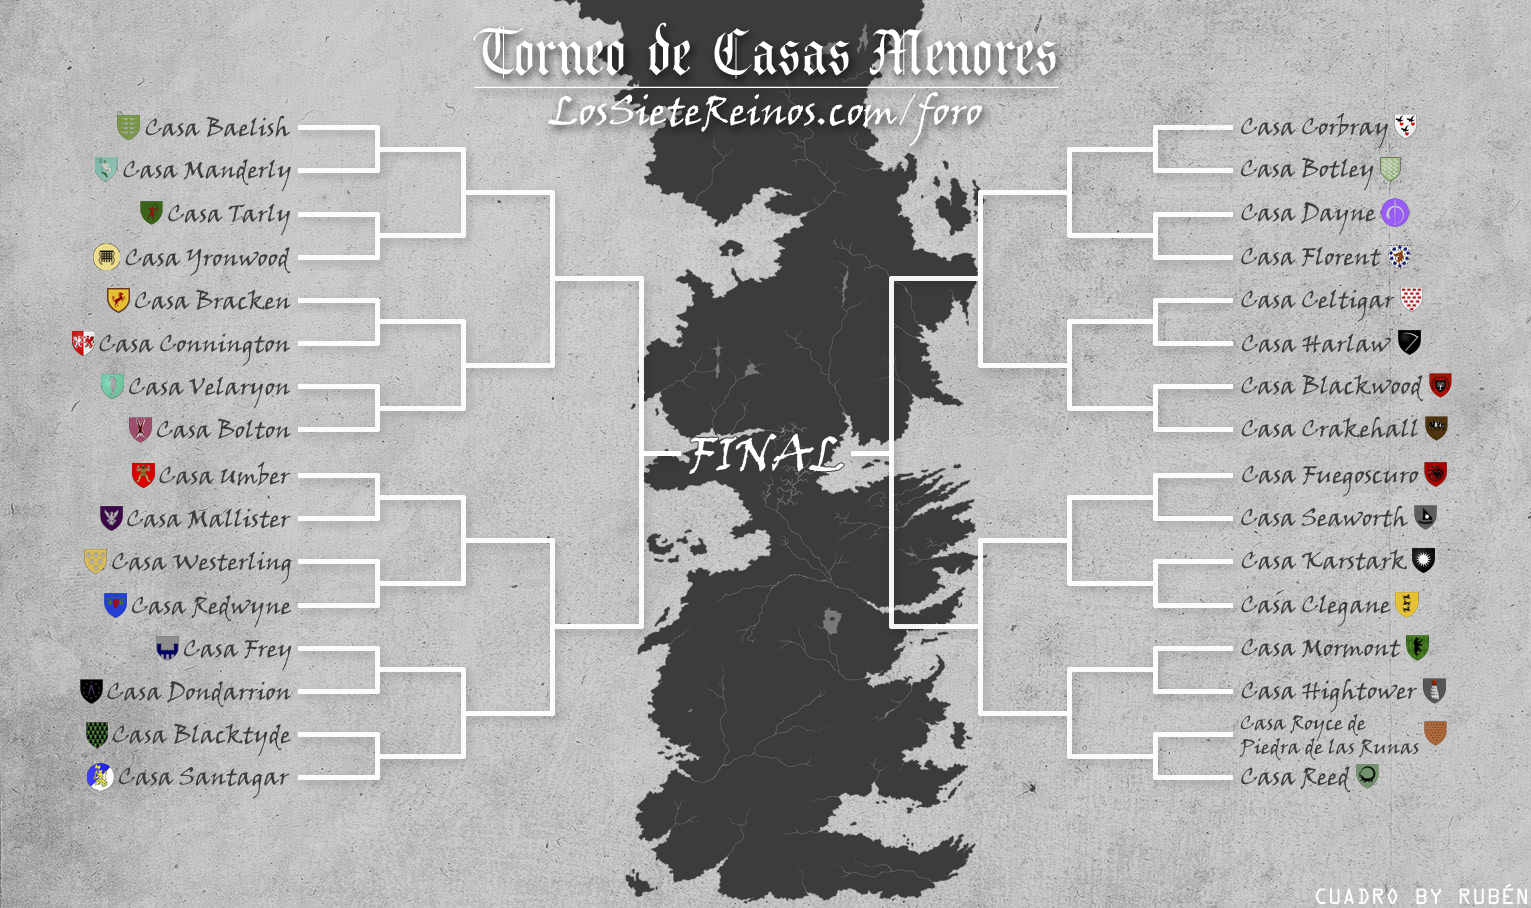 Torneo de casas menores en el foro - Juego de tronos casas ...